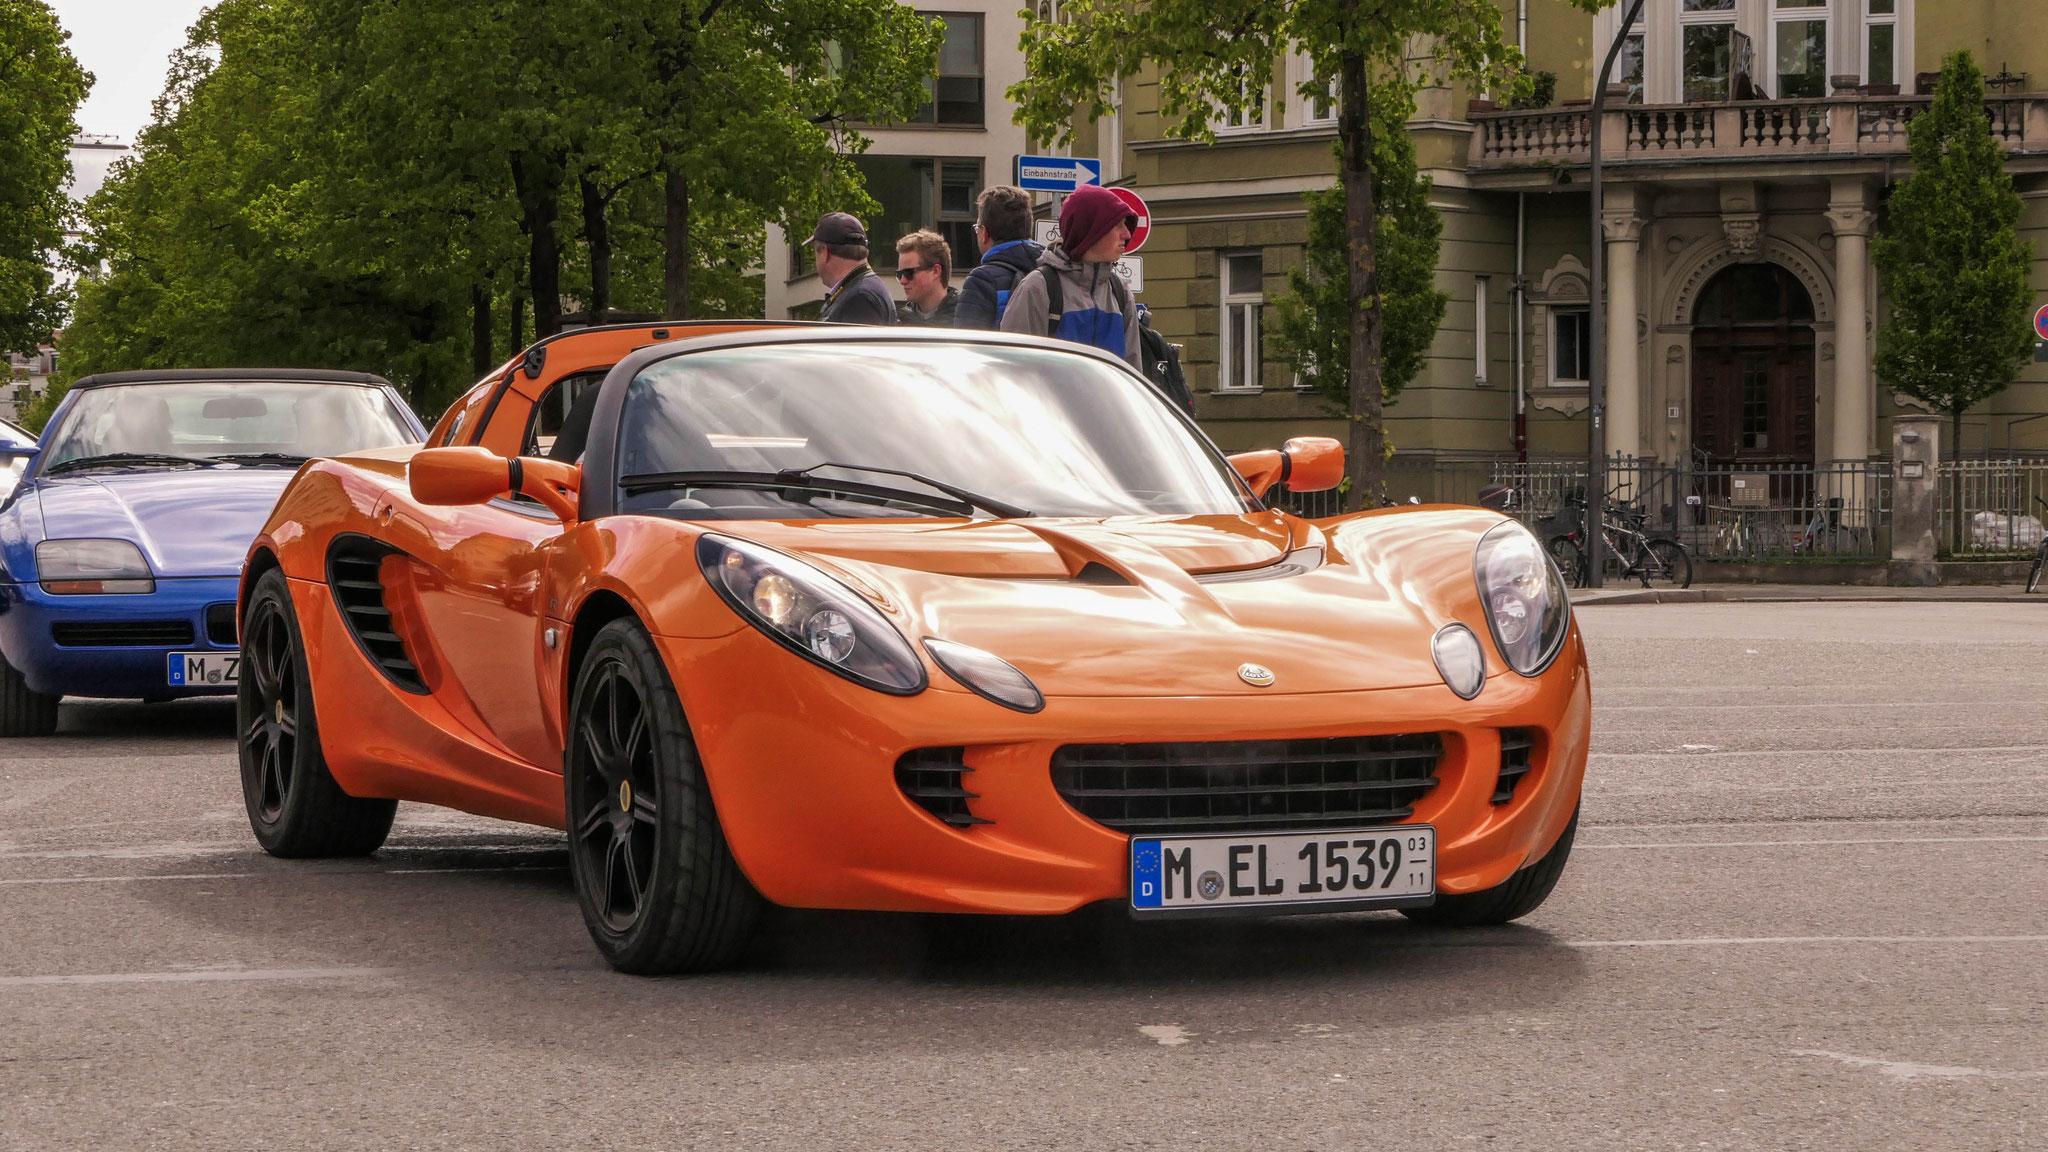 Lotus Elise S2 - M-EL-1539